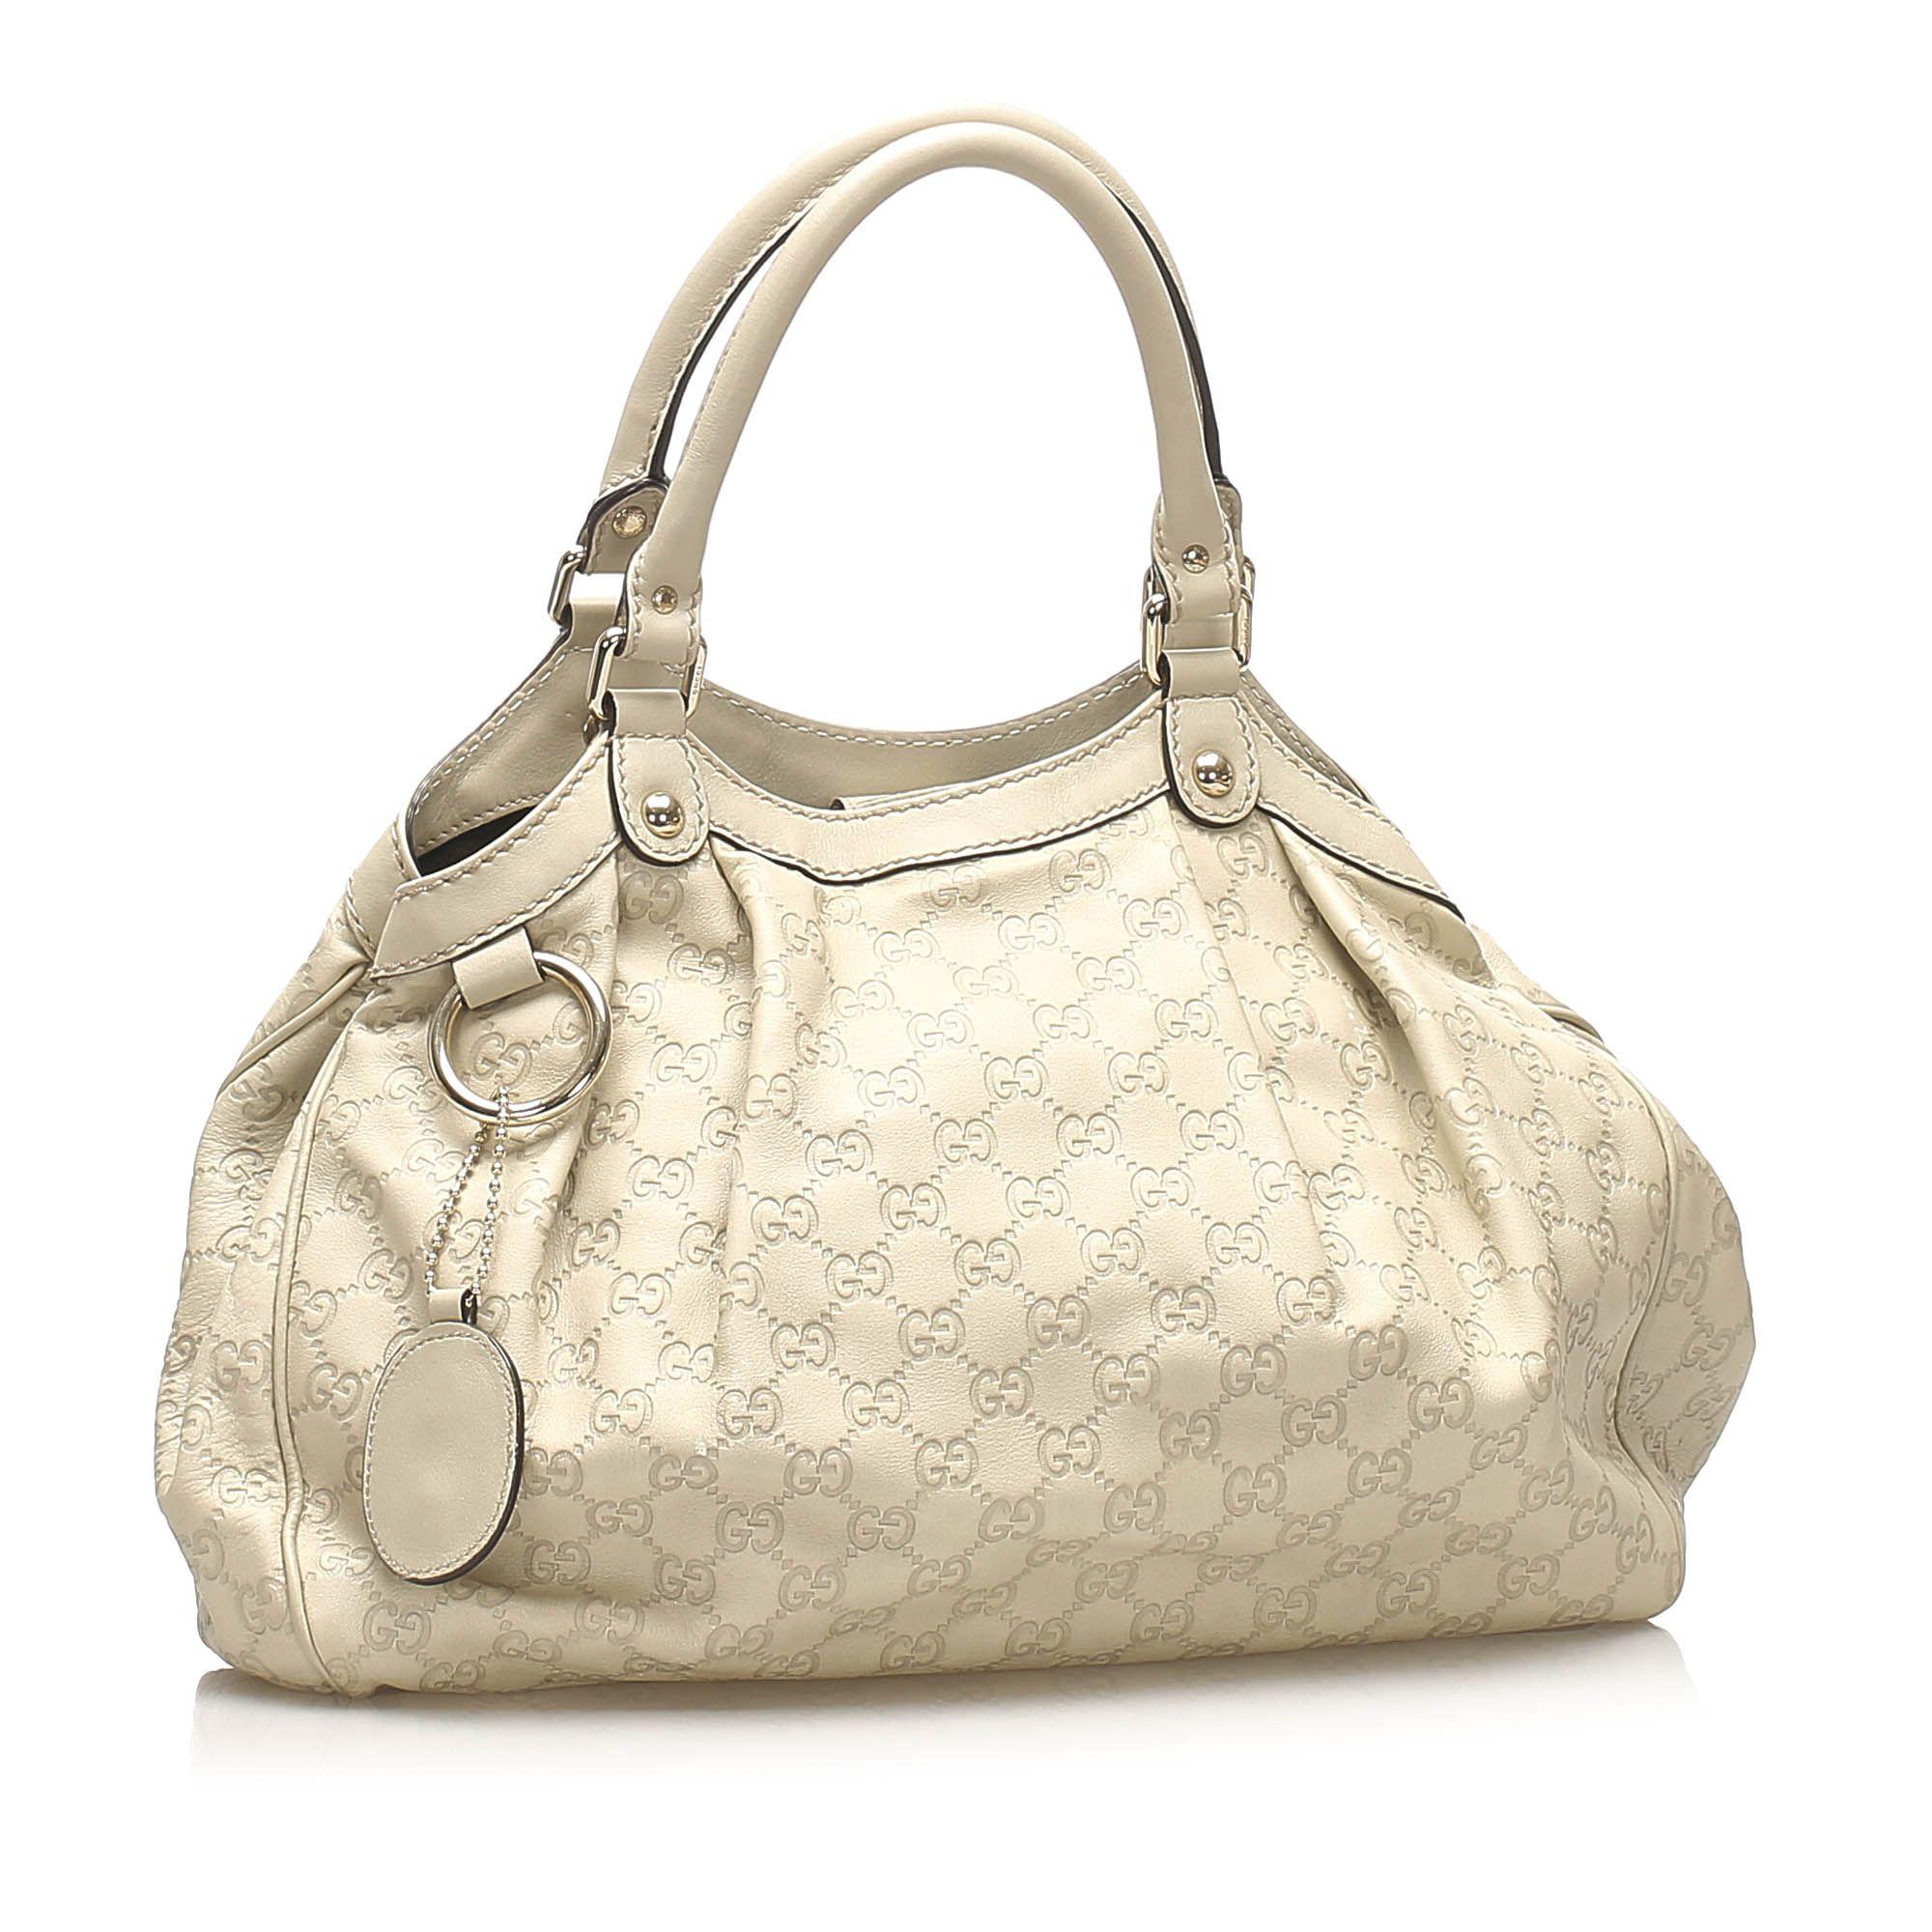 Vintage Gucci Guccissima Sukey Tote Bag Brown